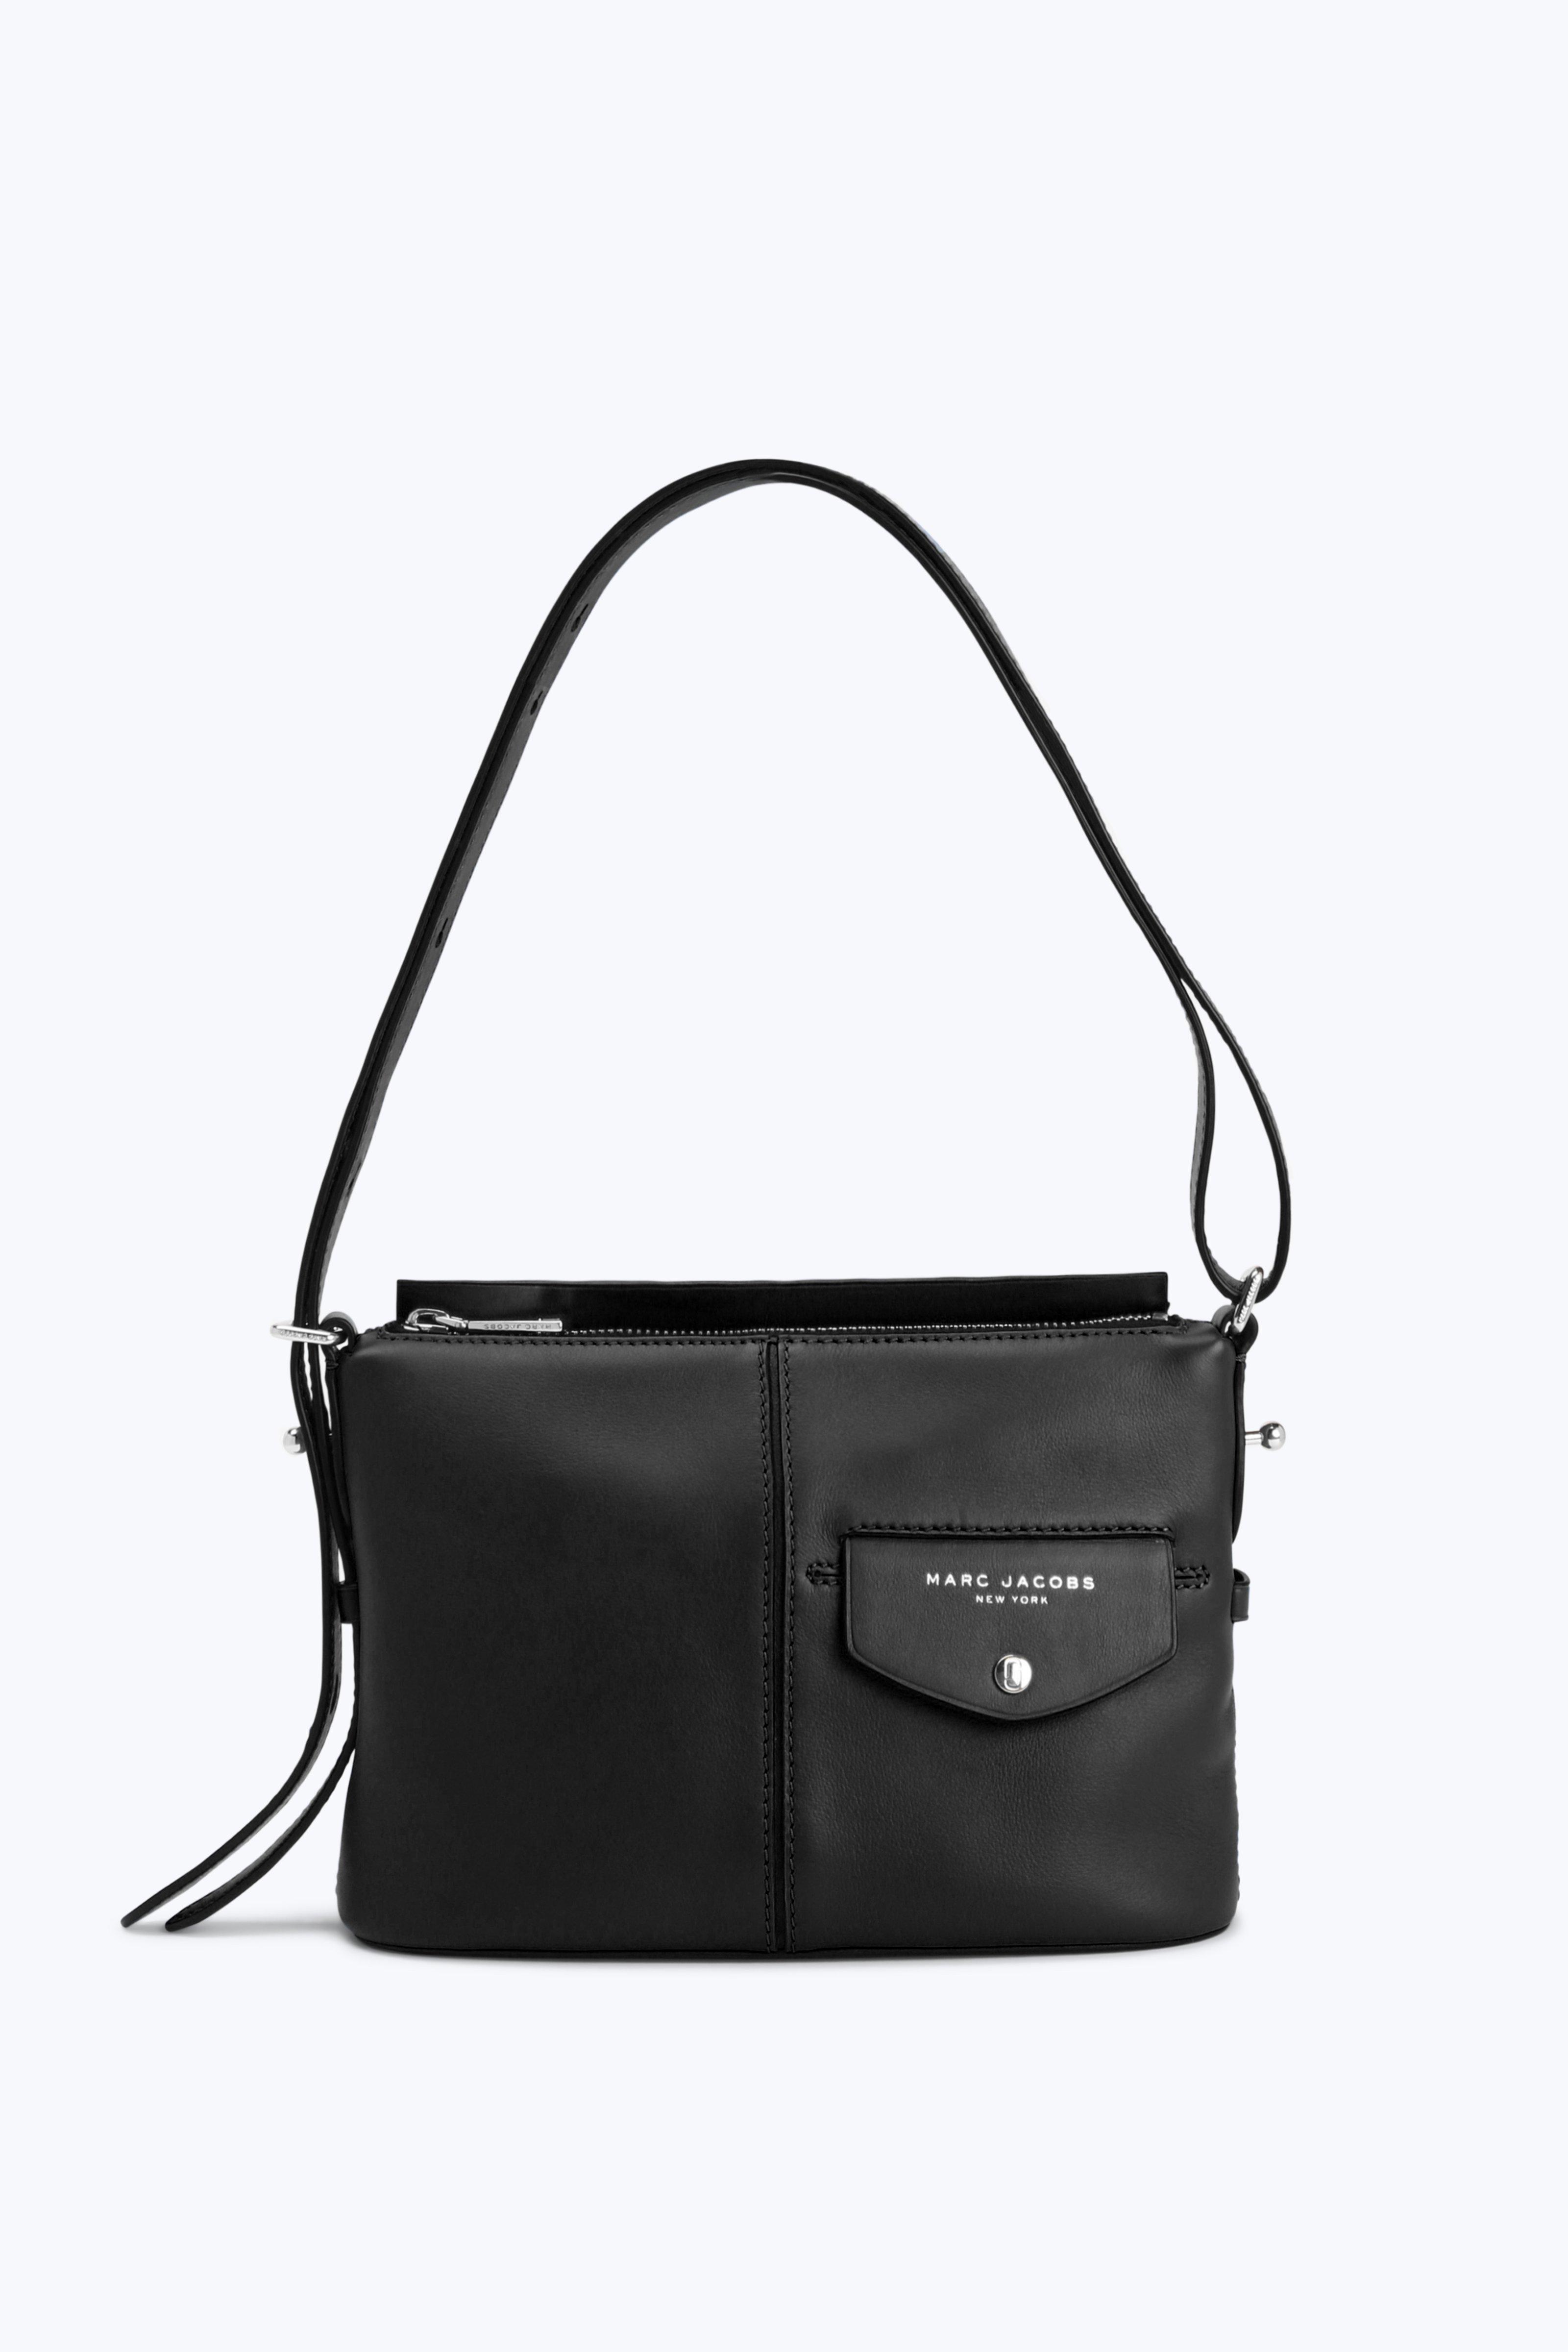 Sling Leather Shoulder Bag - Black Marc Jacobs X4cXvfUGY